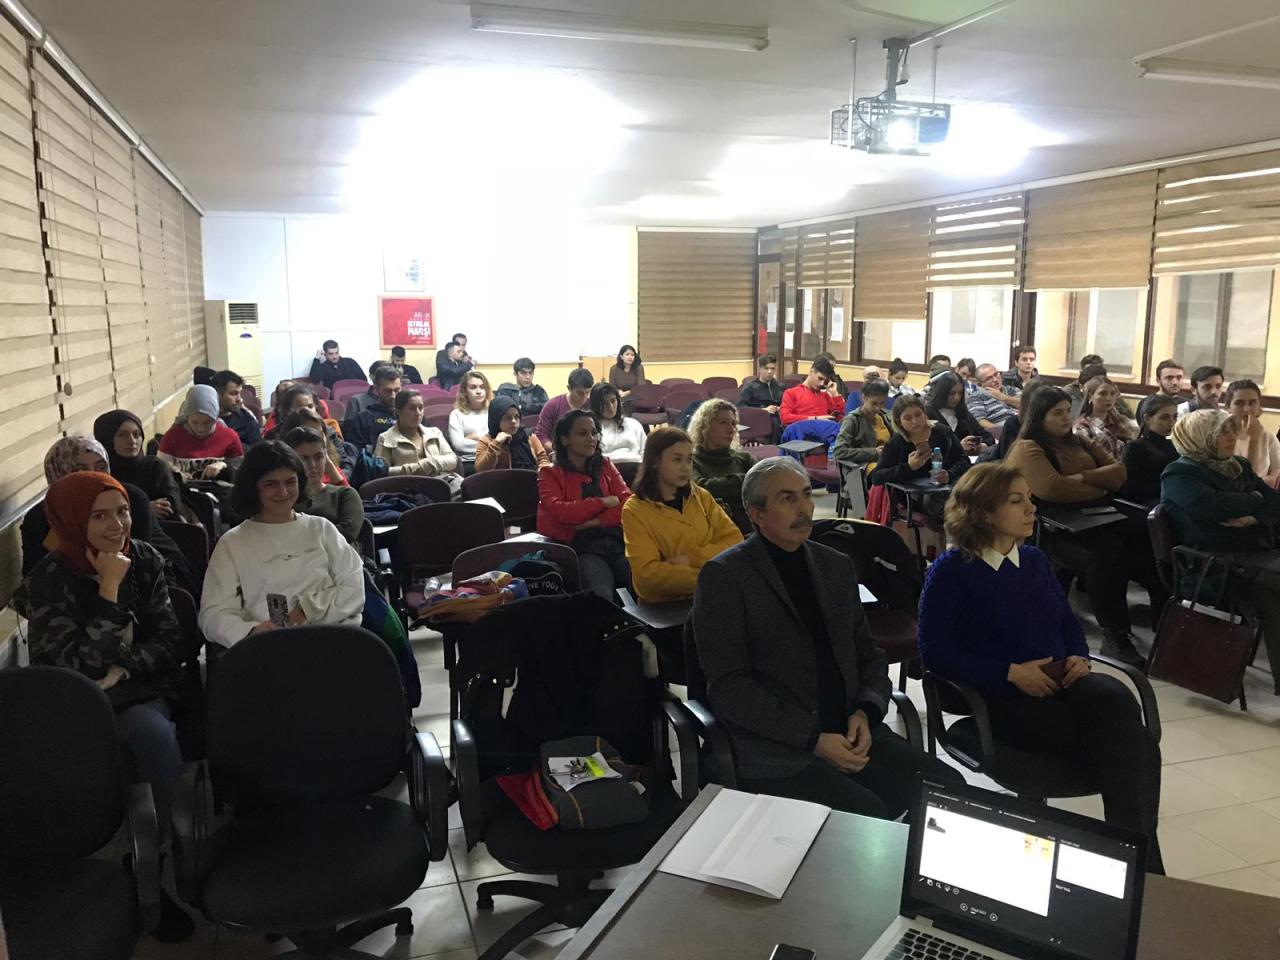 Sağlık Hizmetleri Meslek Yüksekokulu MüdürlüğüKariyer Etkinlikleri Düzenledi